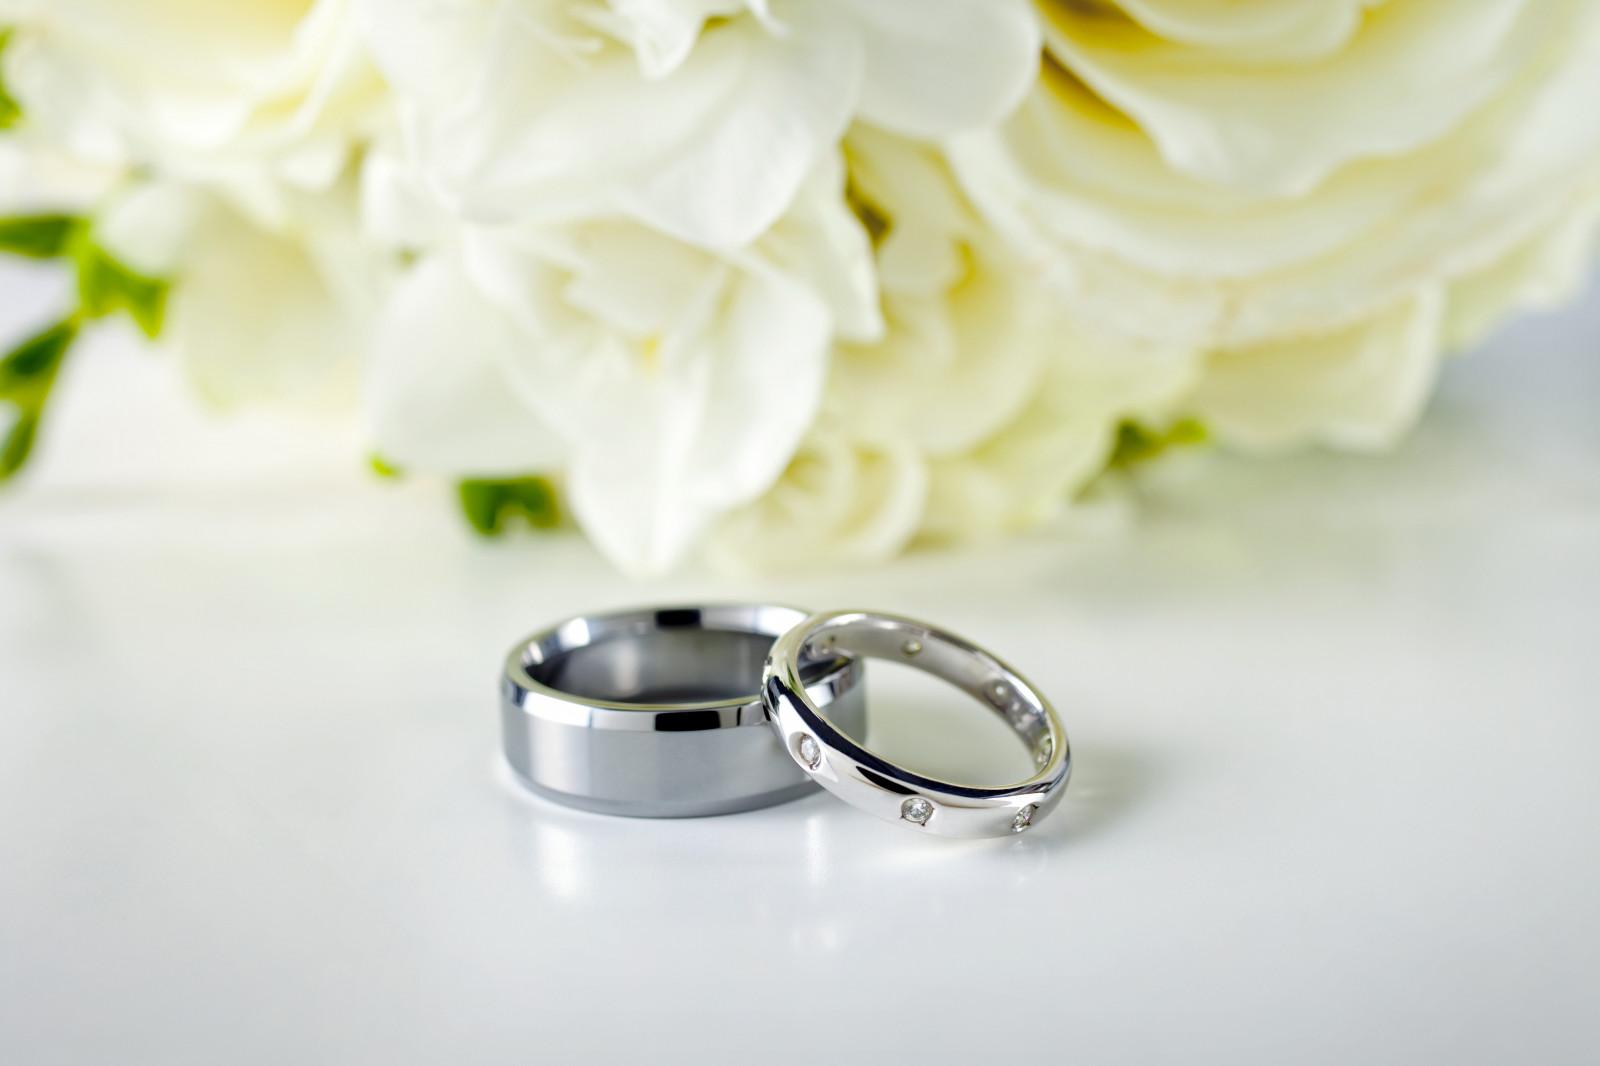 Агатовая свадьба 14 лет свадьбы 40